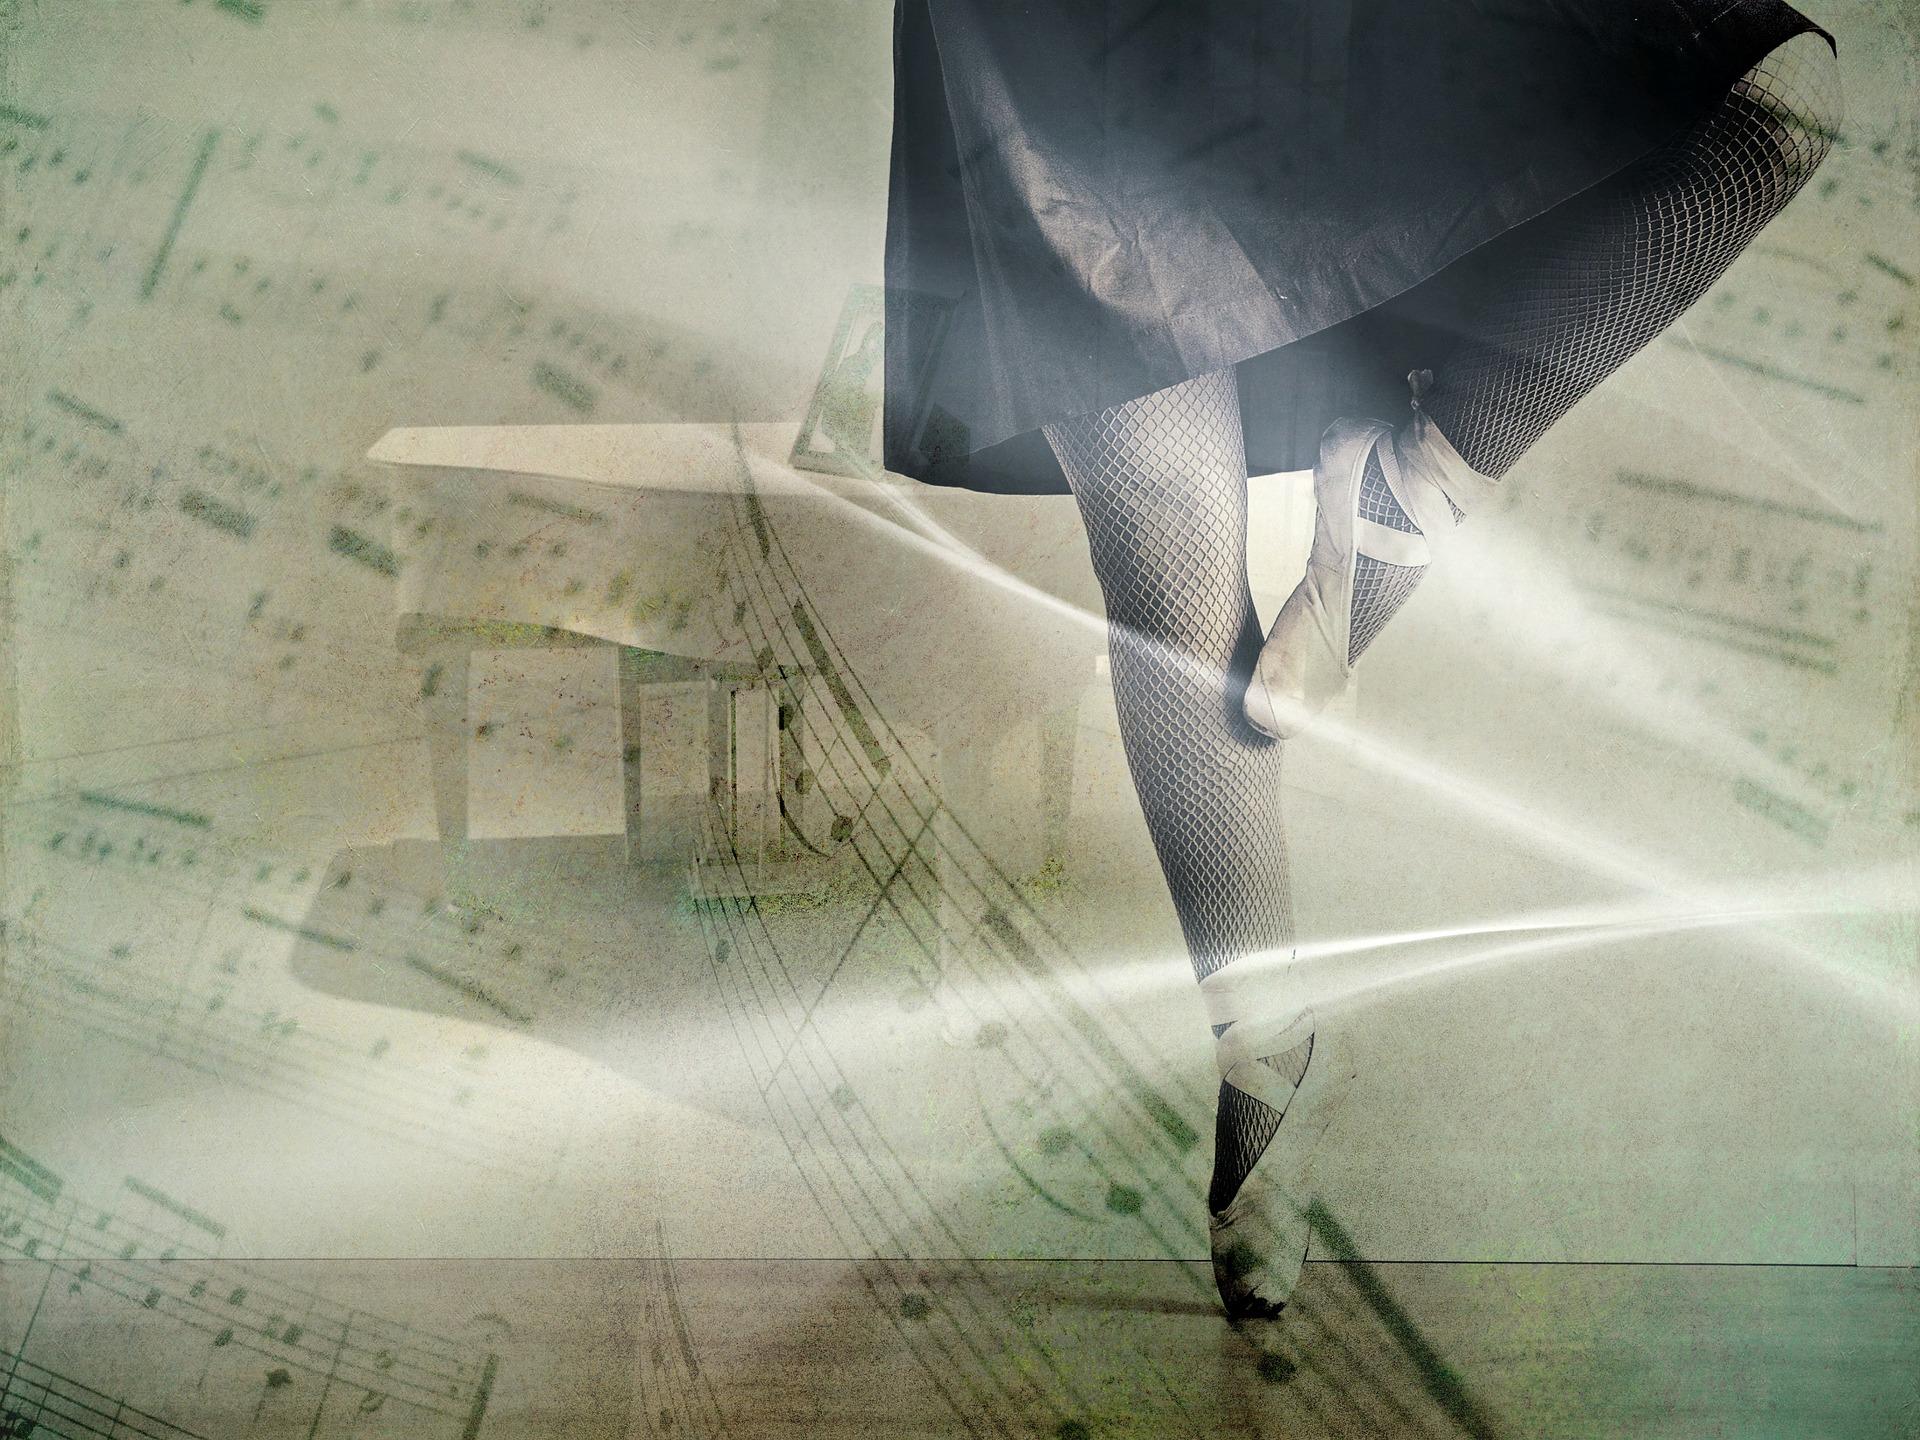 Балерина Кузьмина подсказала, как защитить коленные суставы без лекарств